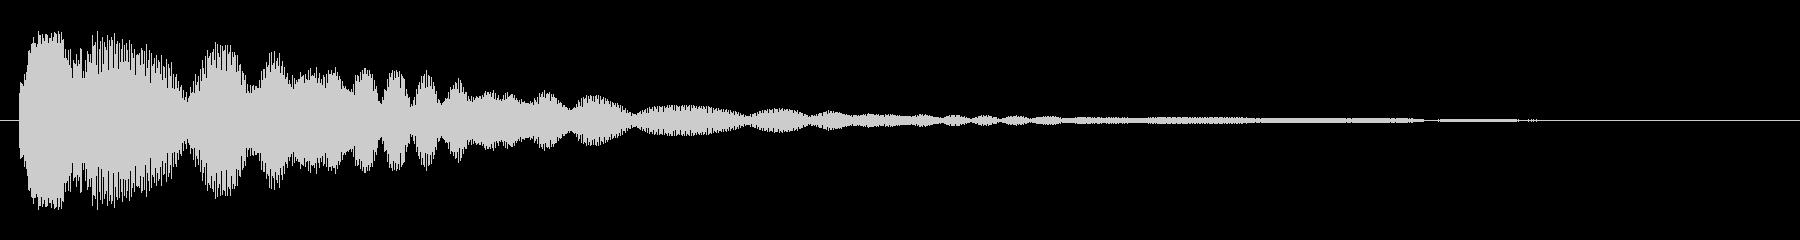 キラーン(短めの音)の未再生の波形